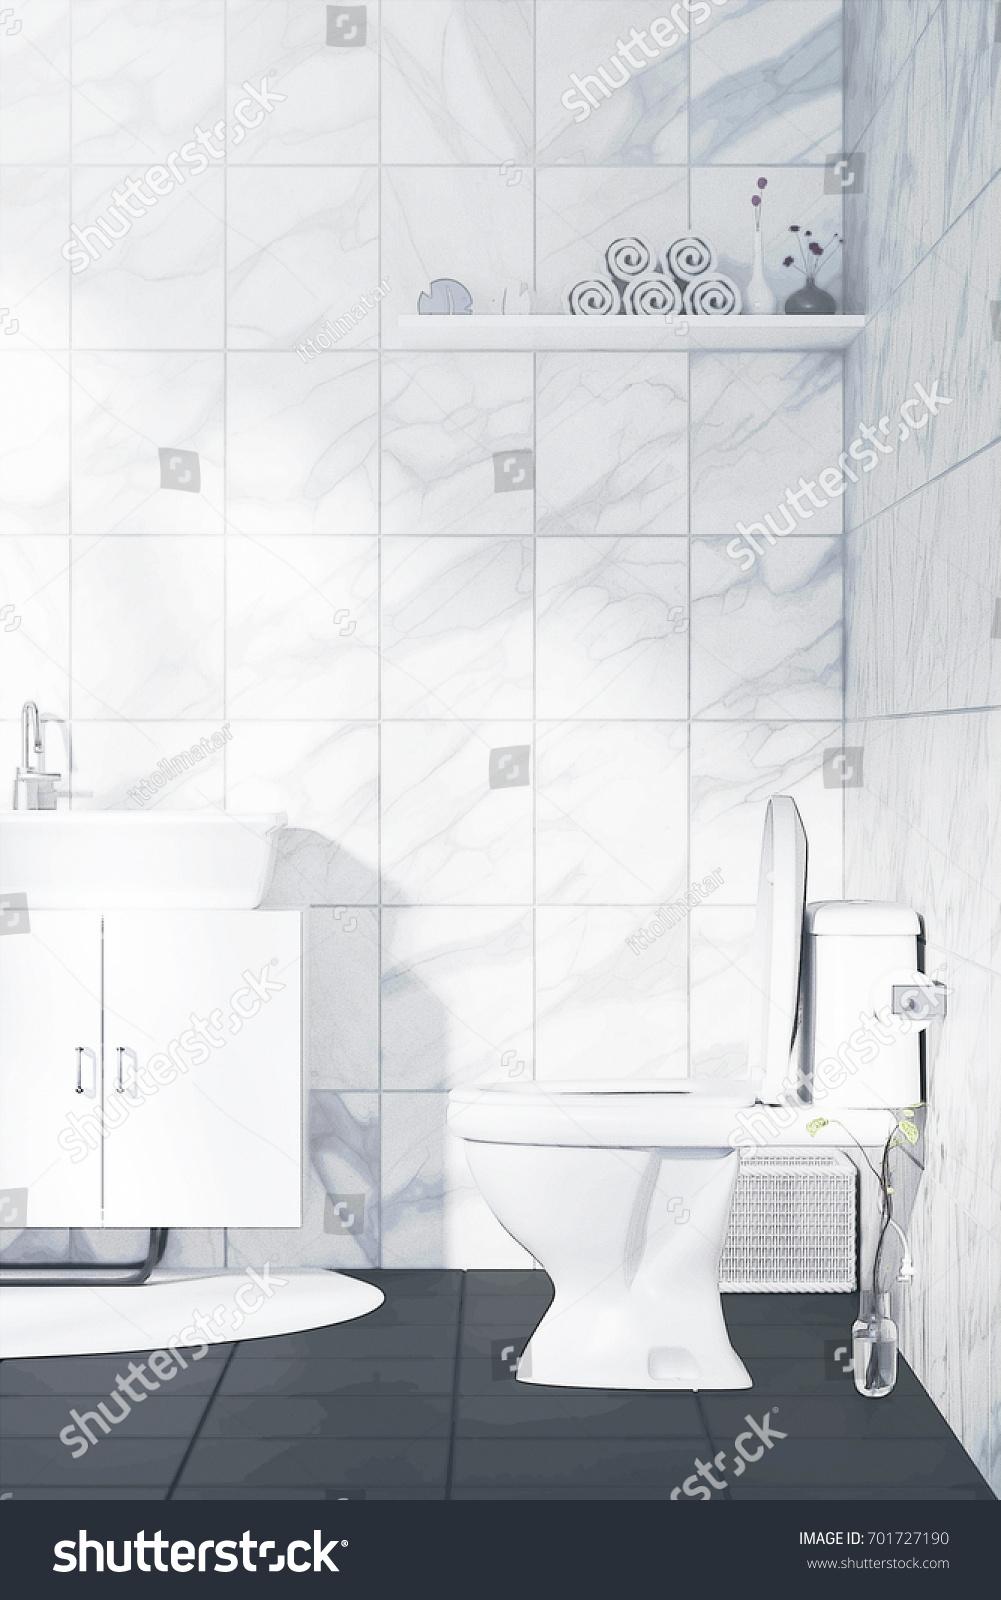 3 D Rendering Illustration White Toilet Bathroom Stock Illustration ...